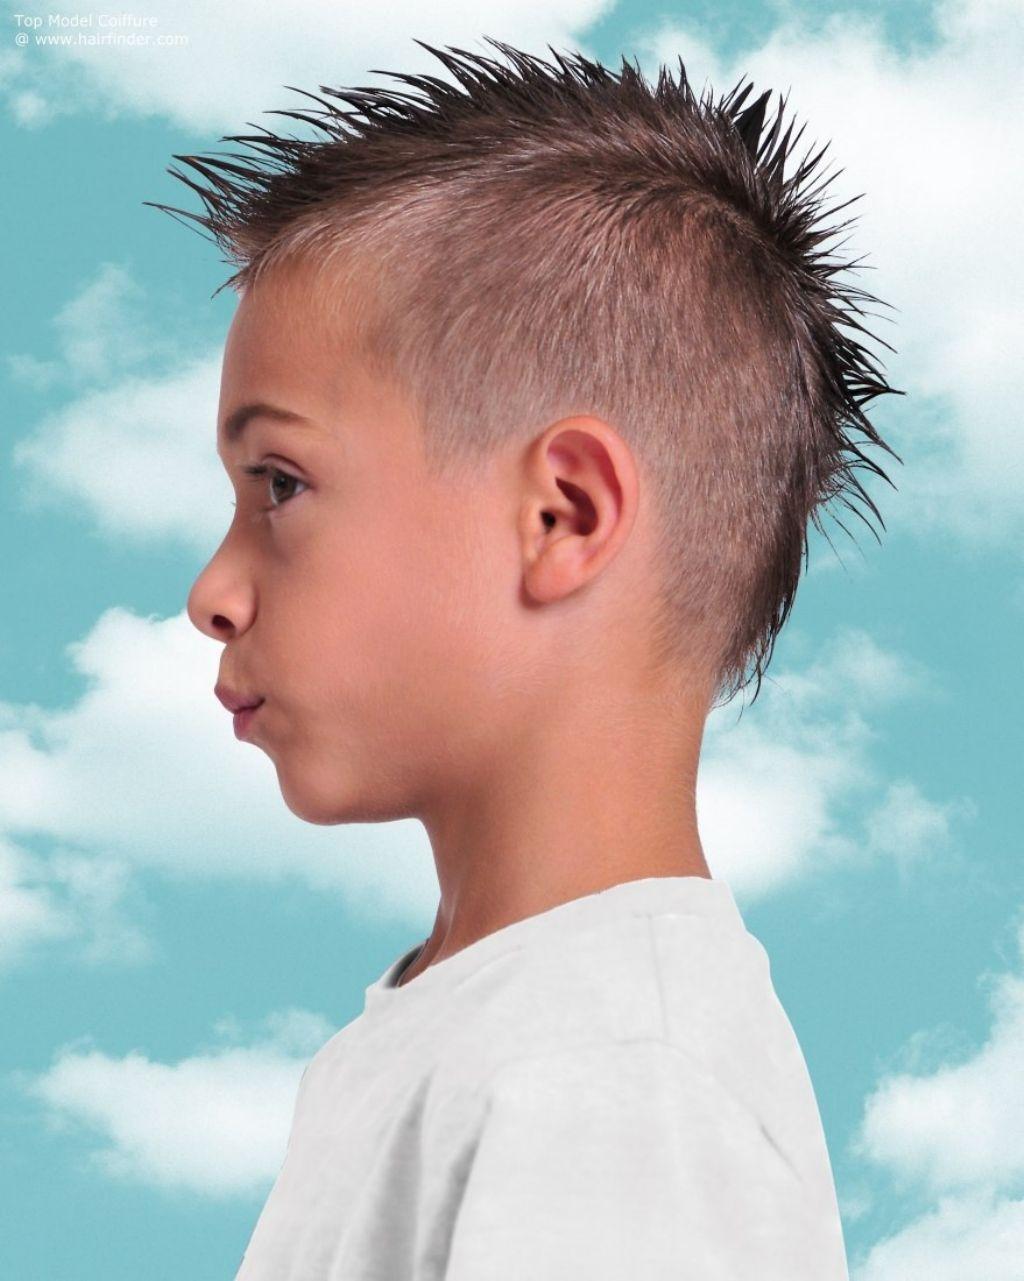 Cmo cortar el pelo a tu hijo y 20 ideas de cortes de pelo